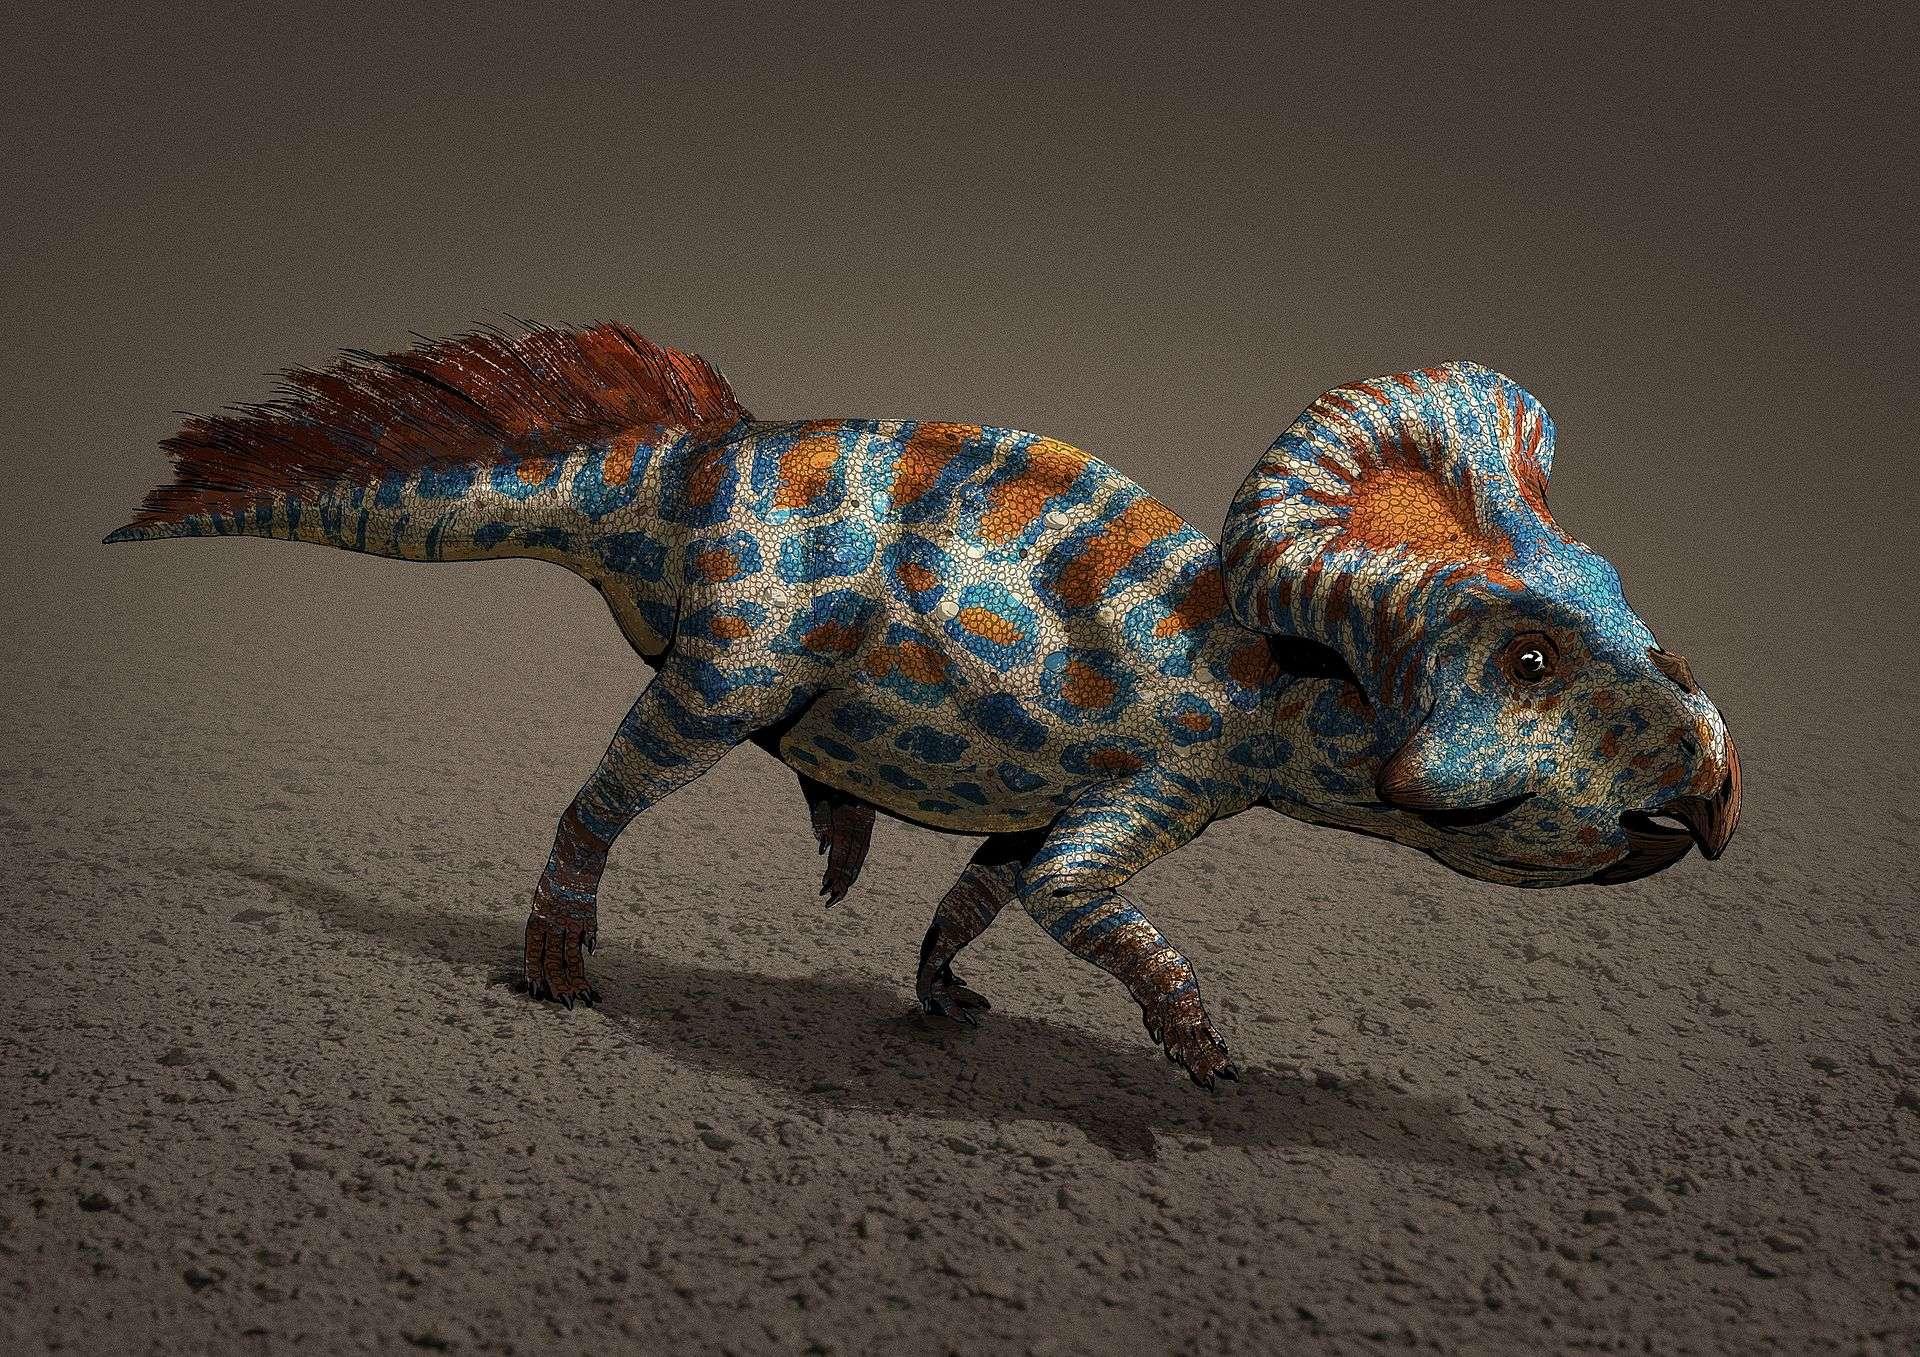 Vue d'artiste d'un protocératops, représentant notamment sa collerette, c'est-à-dire l'excroissance osseuse à l'arrière du crâne. © AntoninJury, Wikimedia Commons